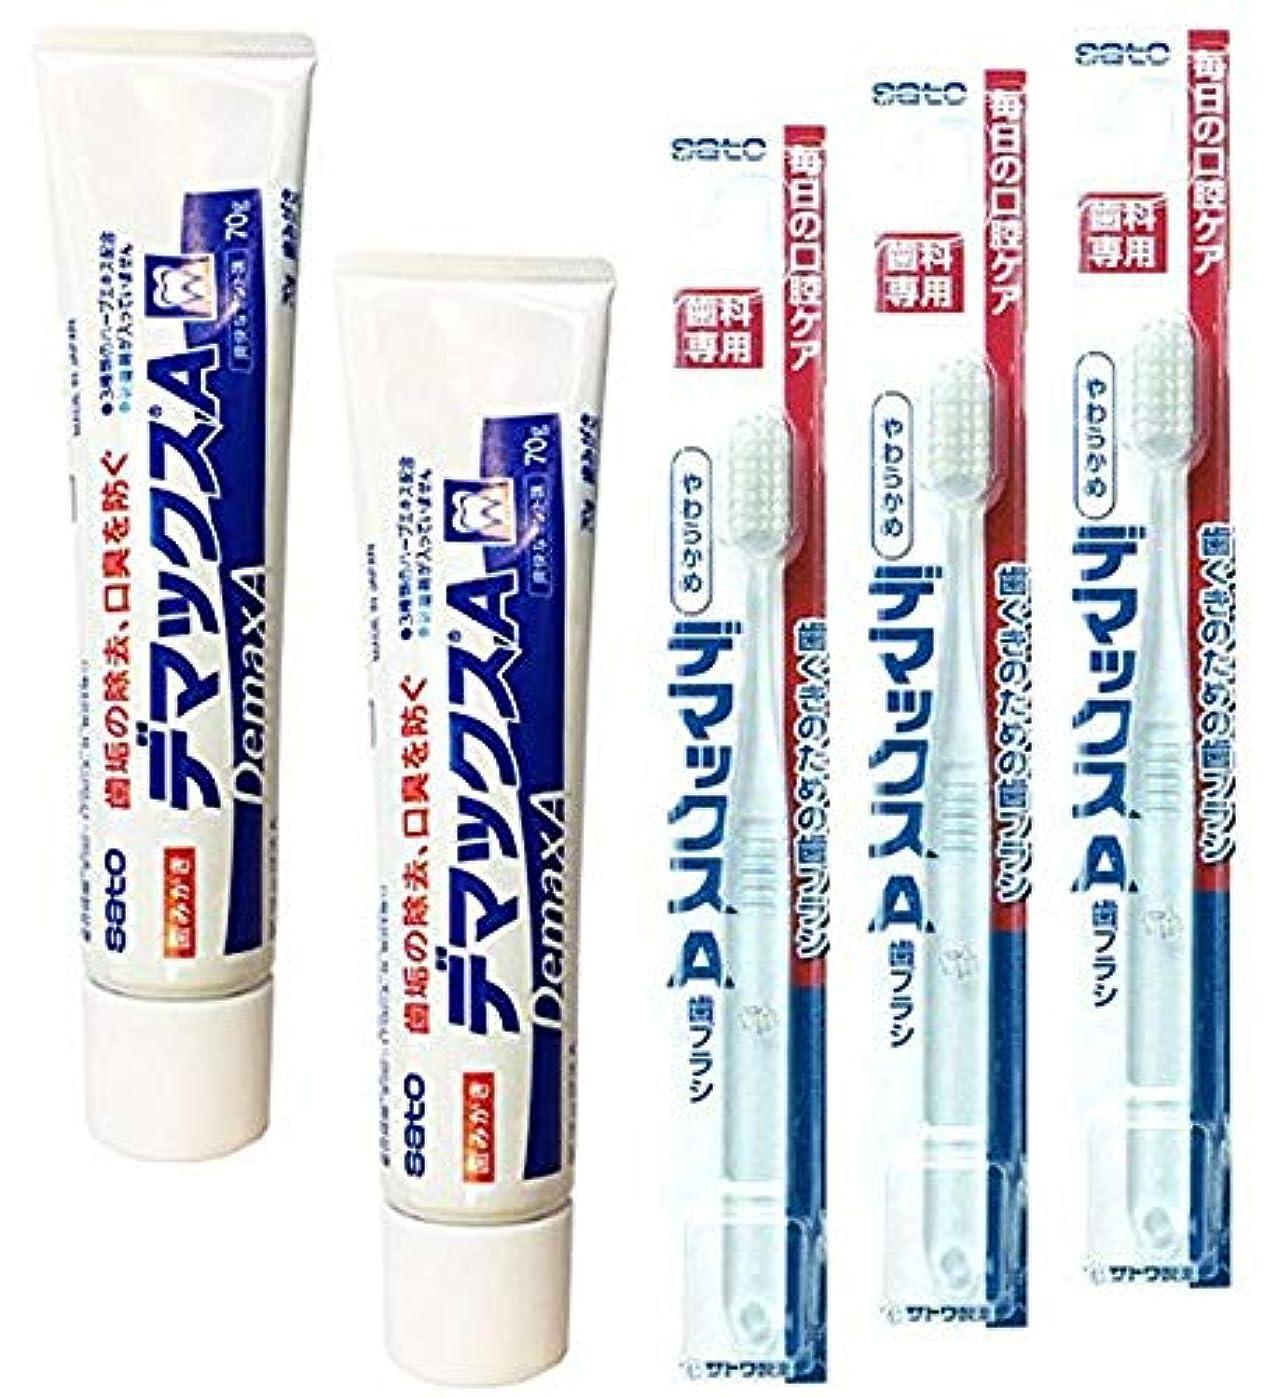 彫る違う火炎佐藤製薬 デマックスA 歯磨き粉(70g) 2個 + デマックスA 歯ブラシ 3本 セット